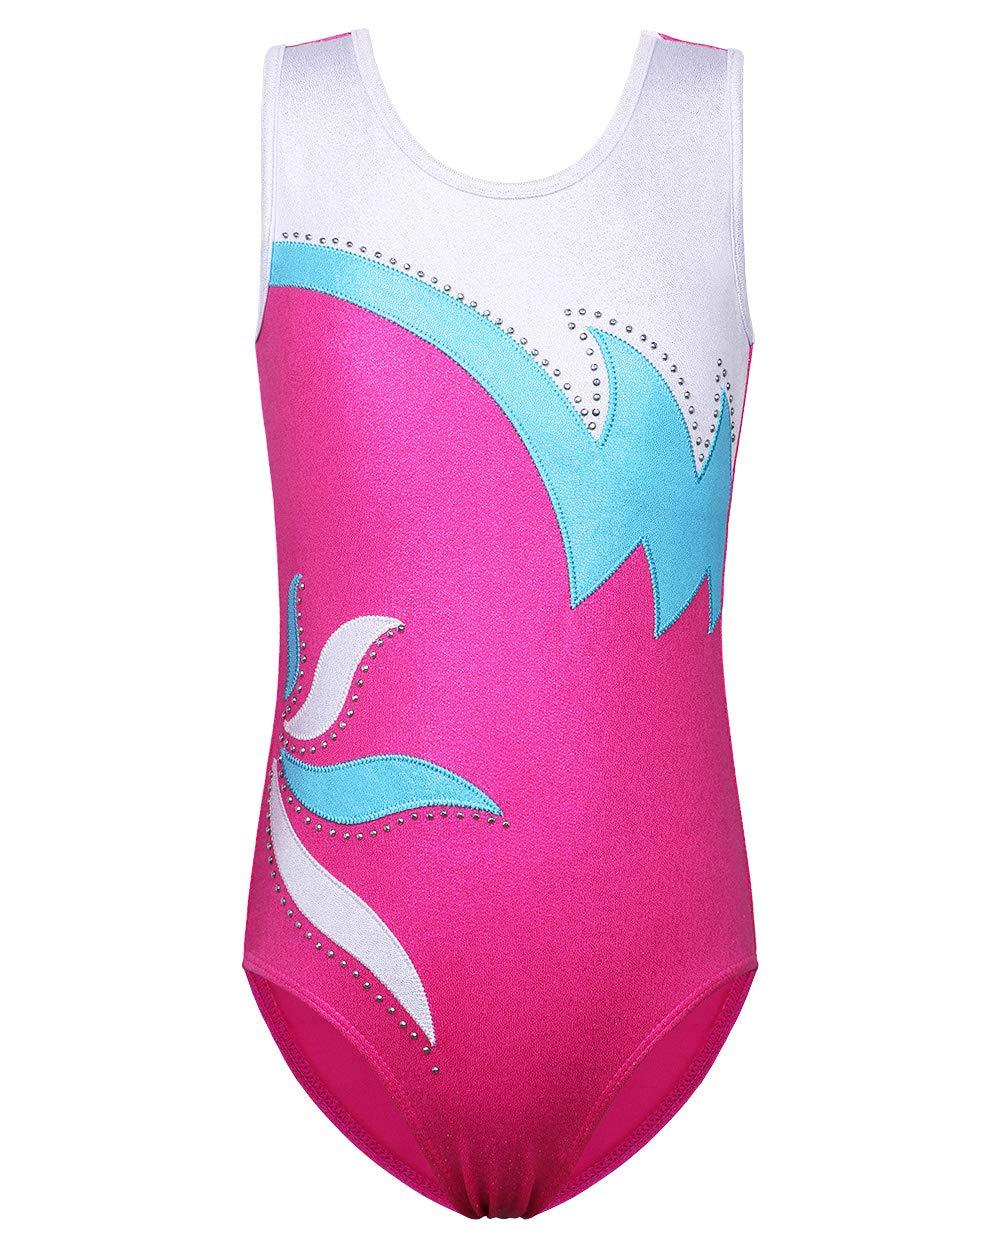 Papaval Girls Kids Cap sleeve Leotard Children Sport Dance Ballet or Gymnastics Leotard